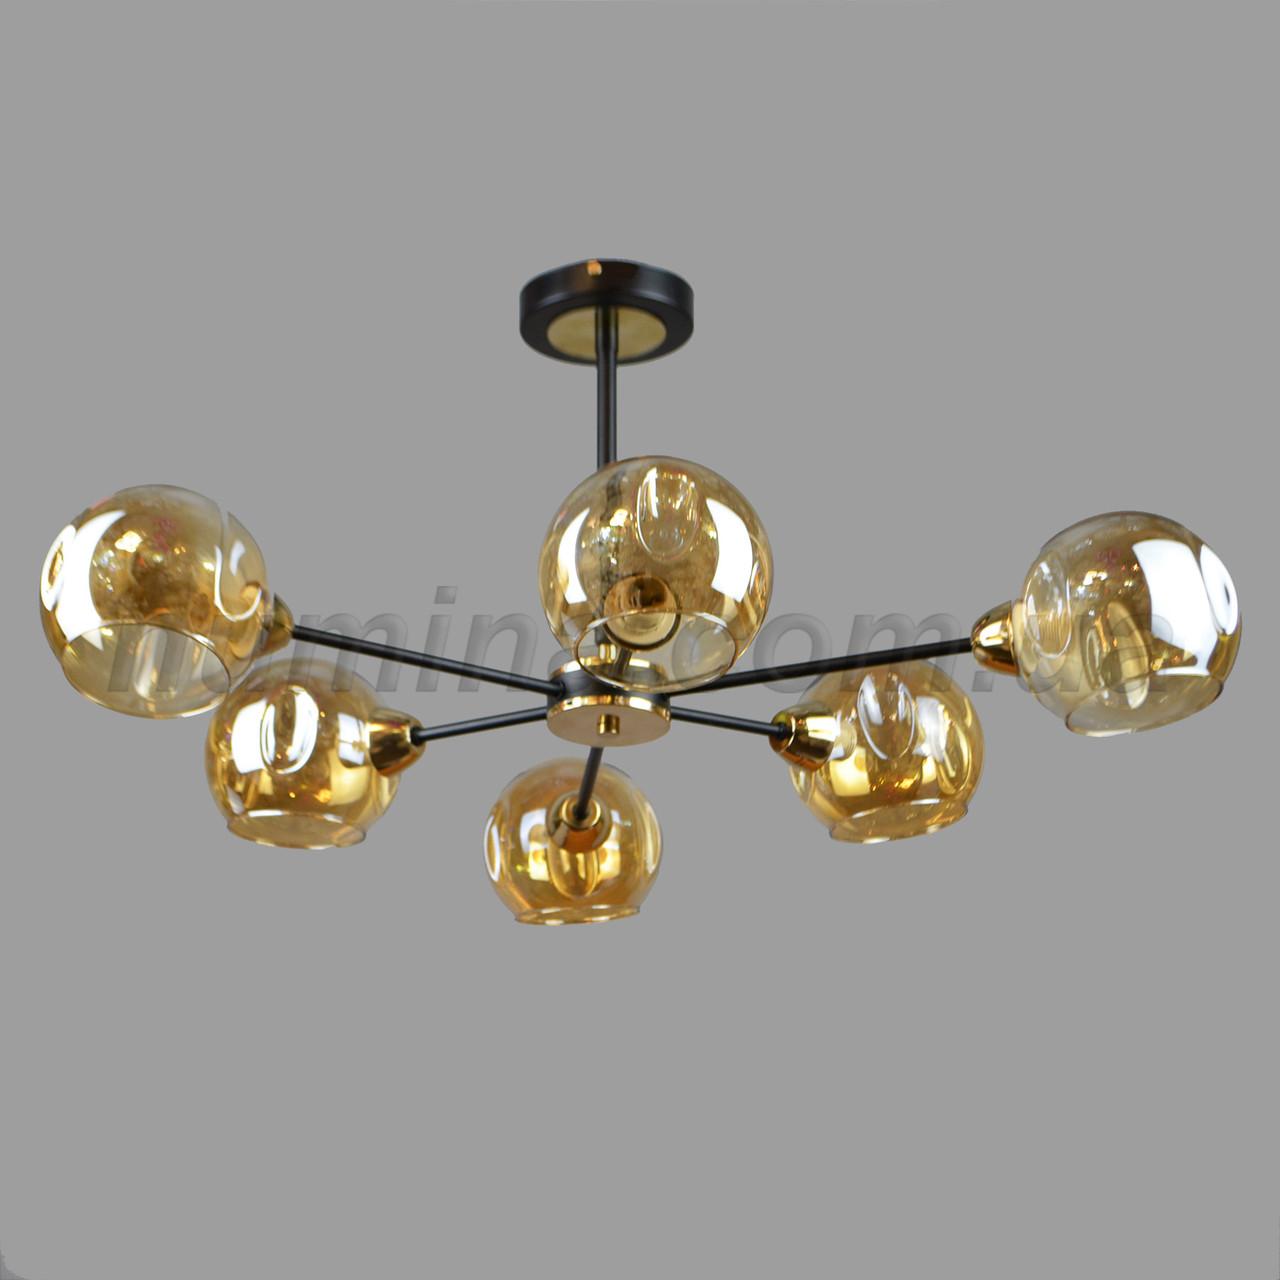 Люстра потолочная на шесть ламп 29-H089/6 BK+FGD